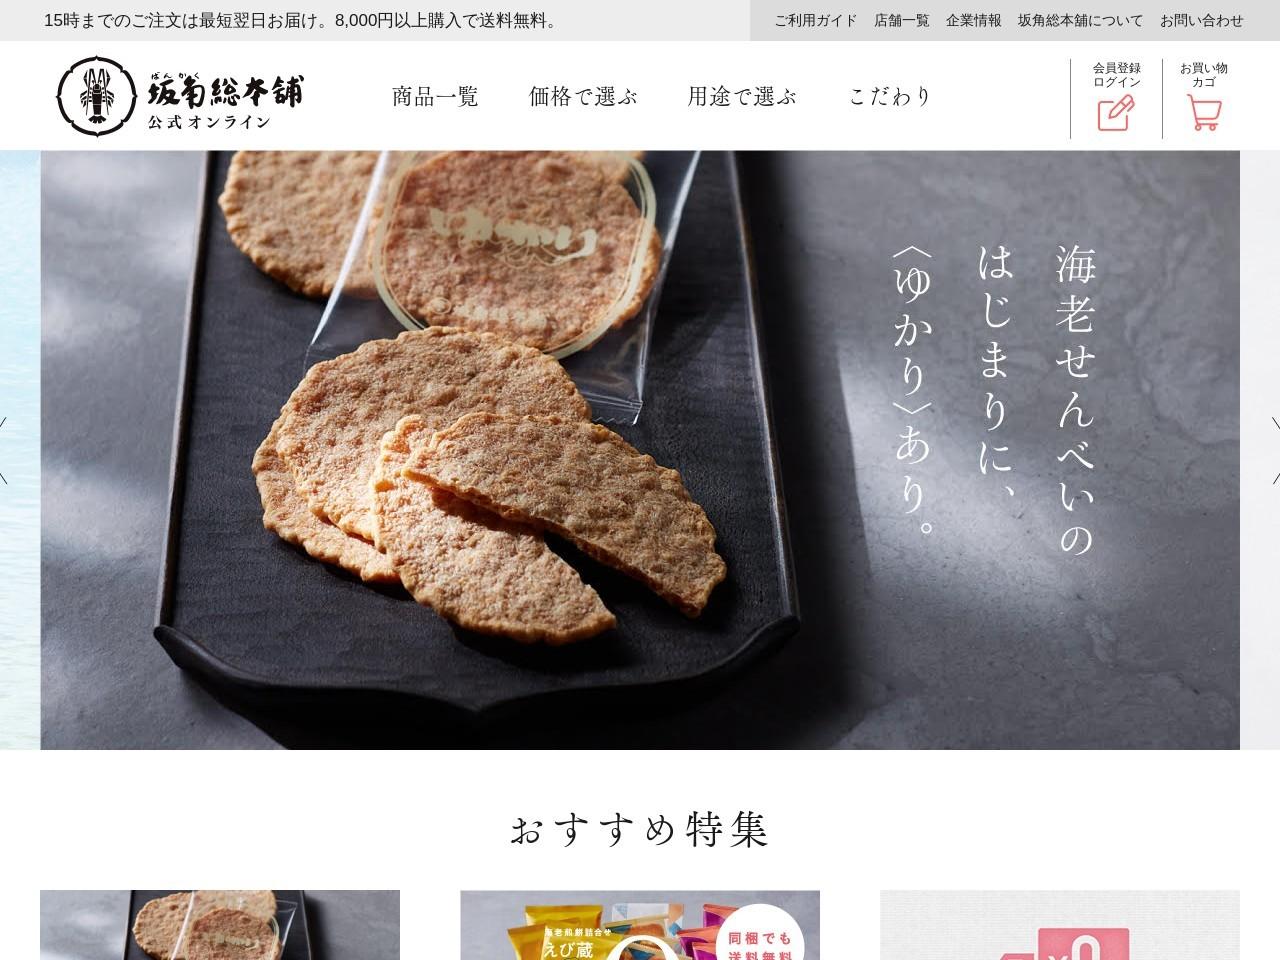 株式会社坂角総本舗三越本店